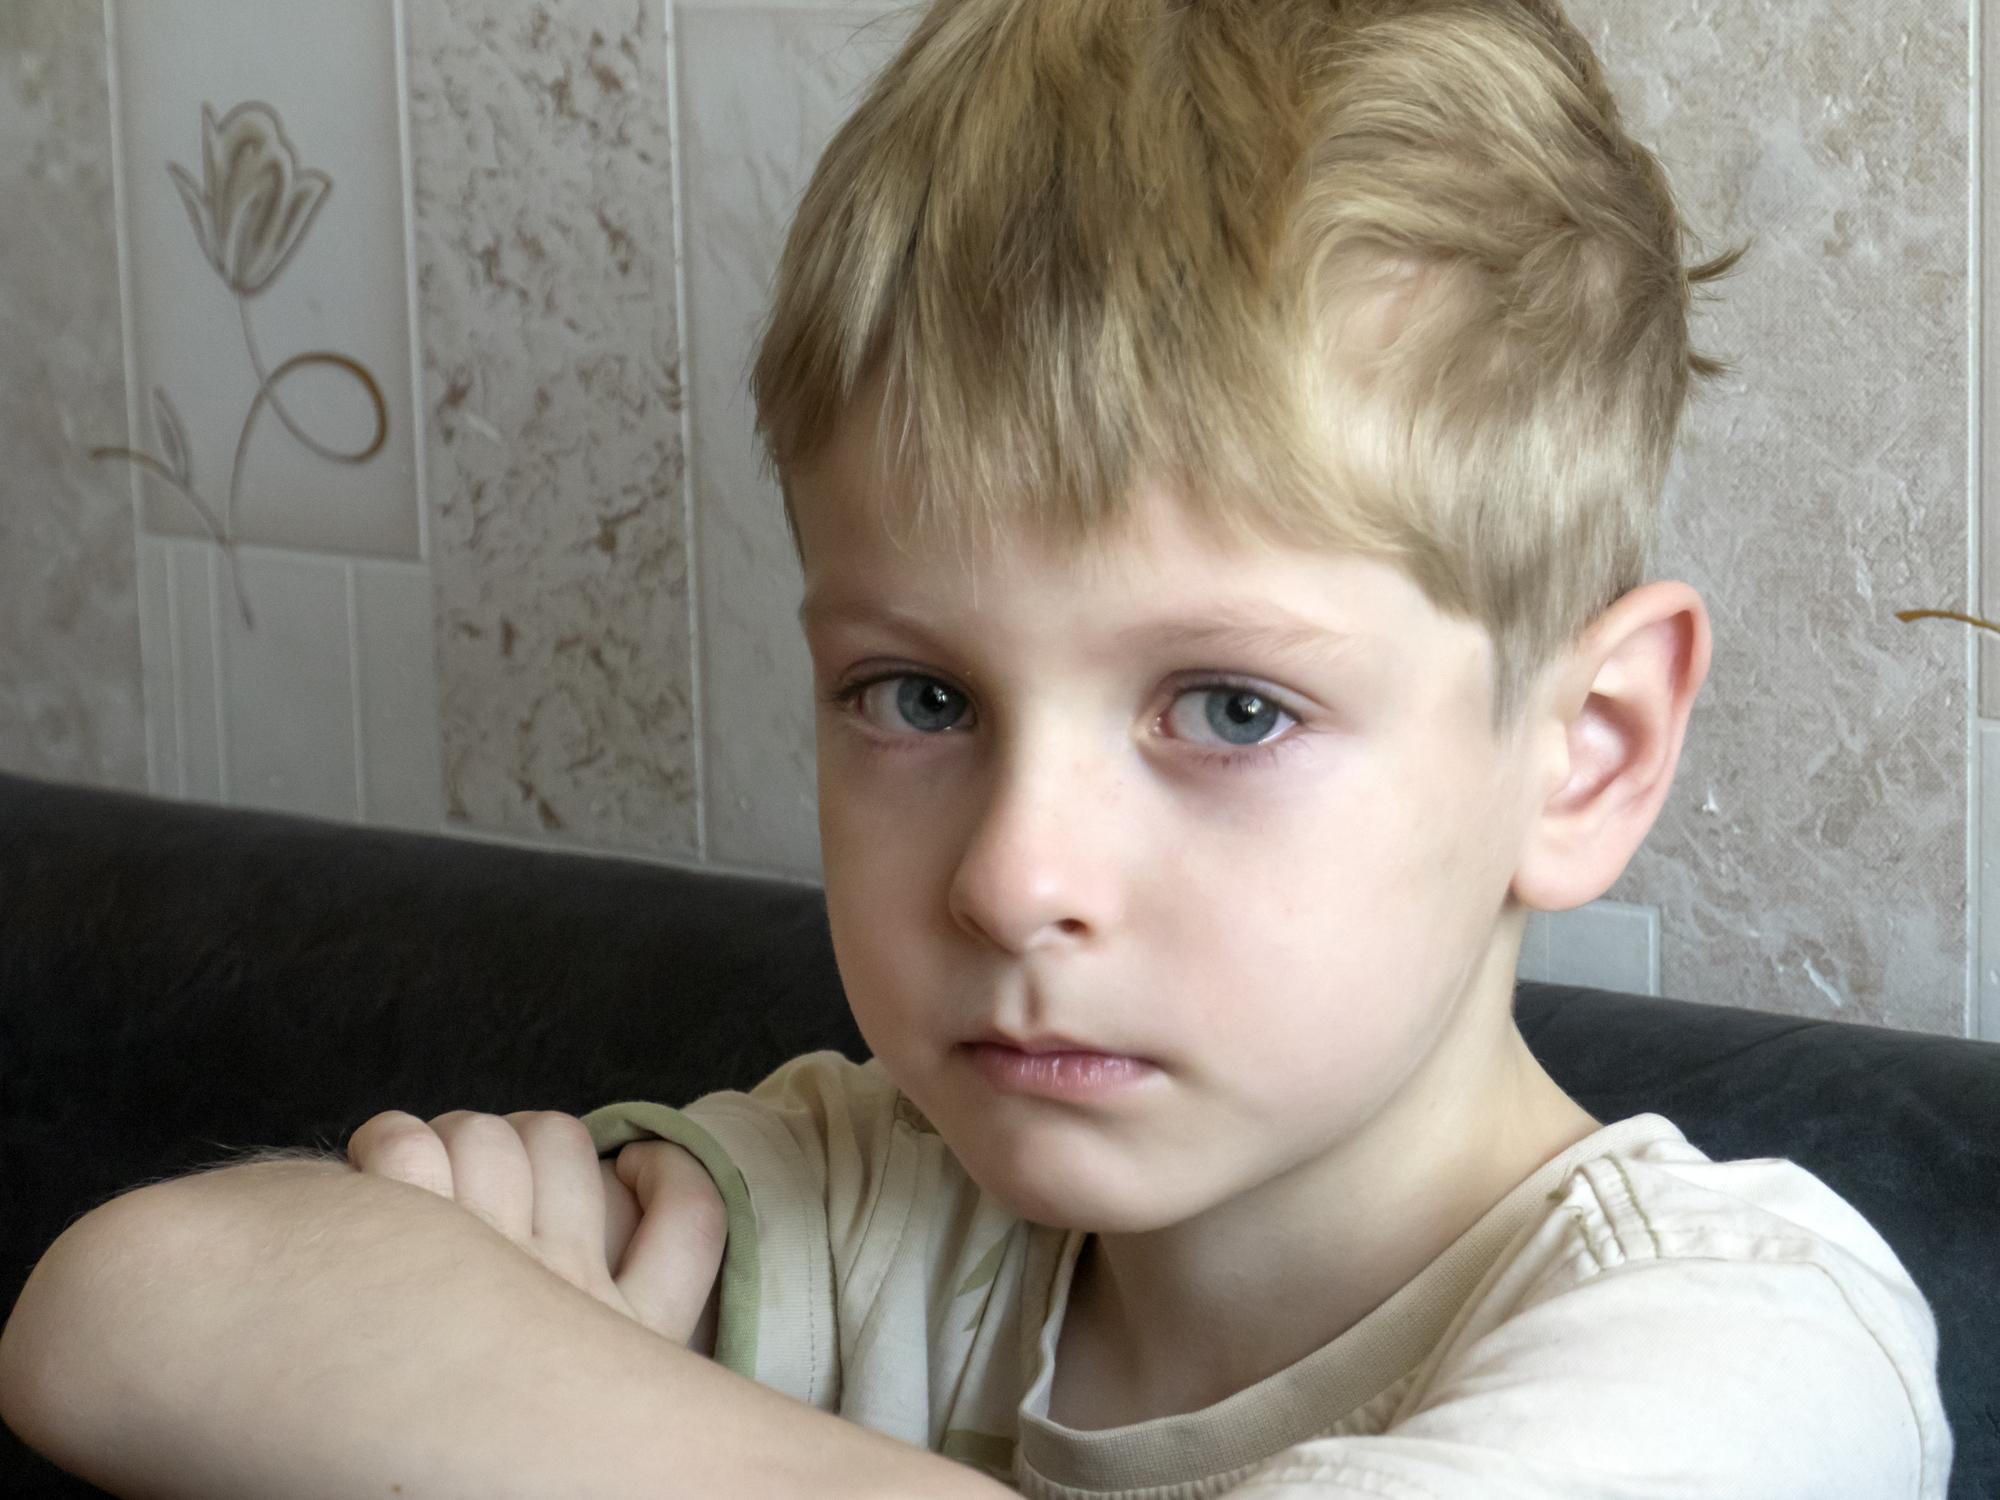 Dzieci z mutyzmem wybiórczym